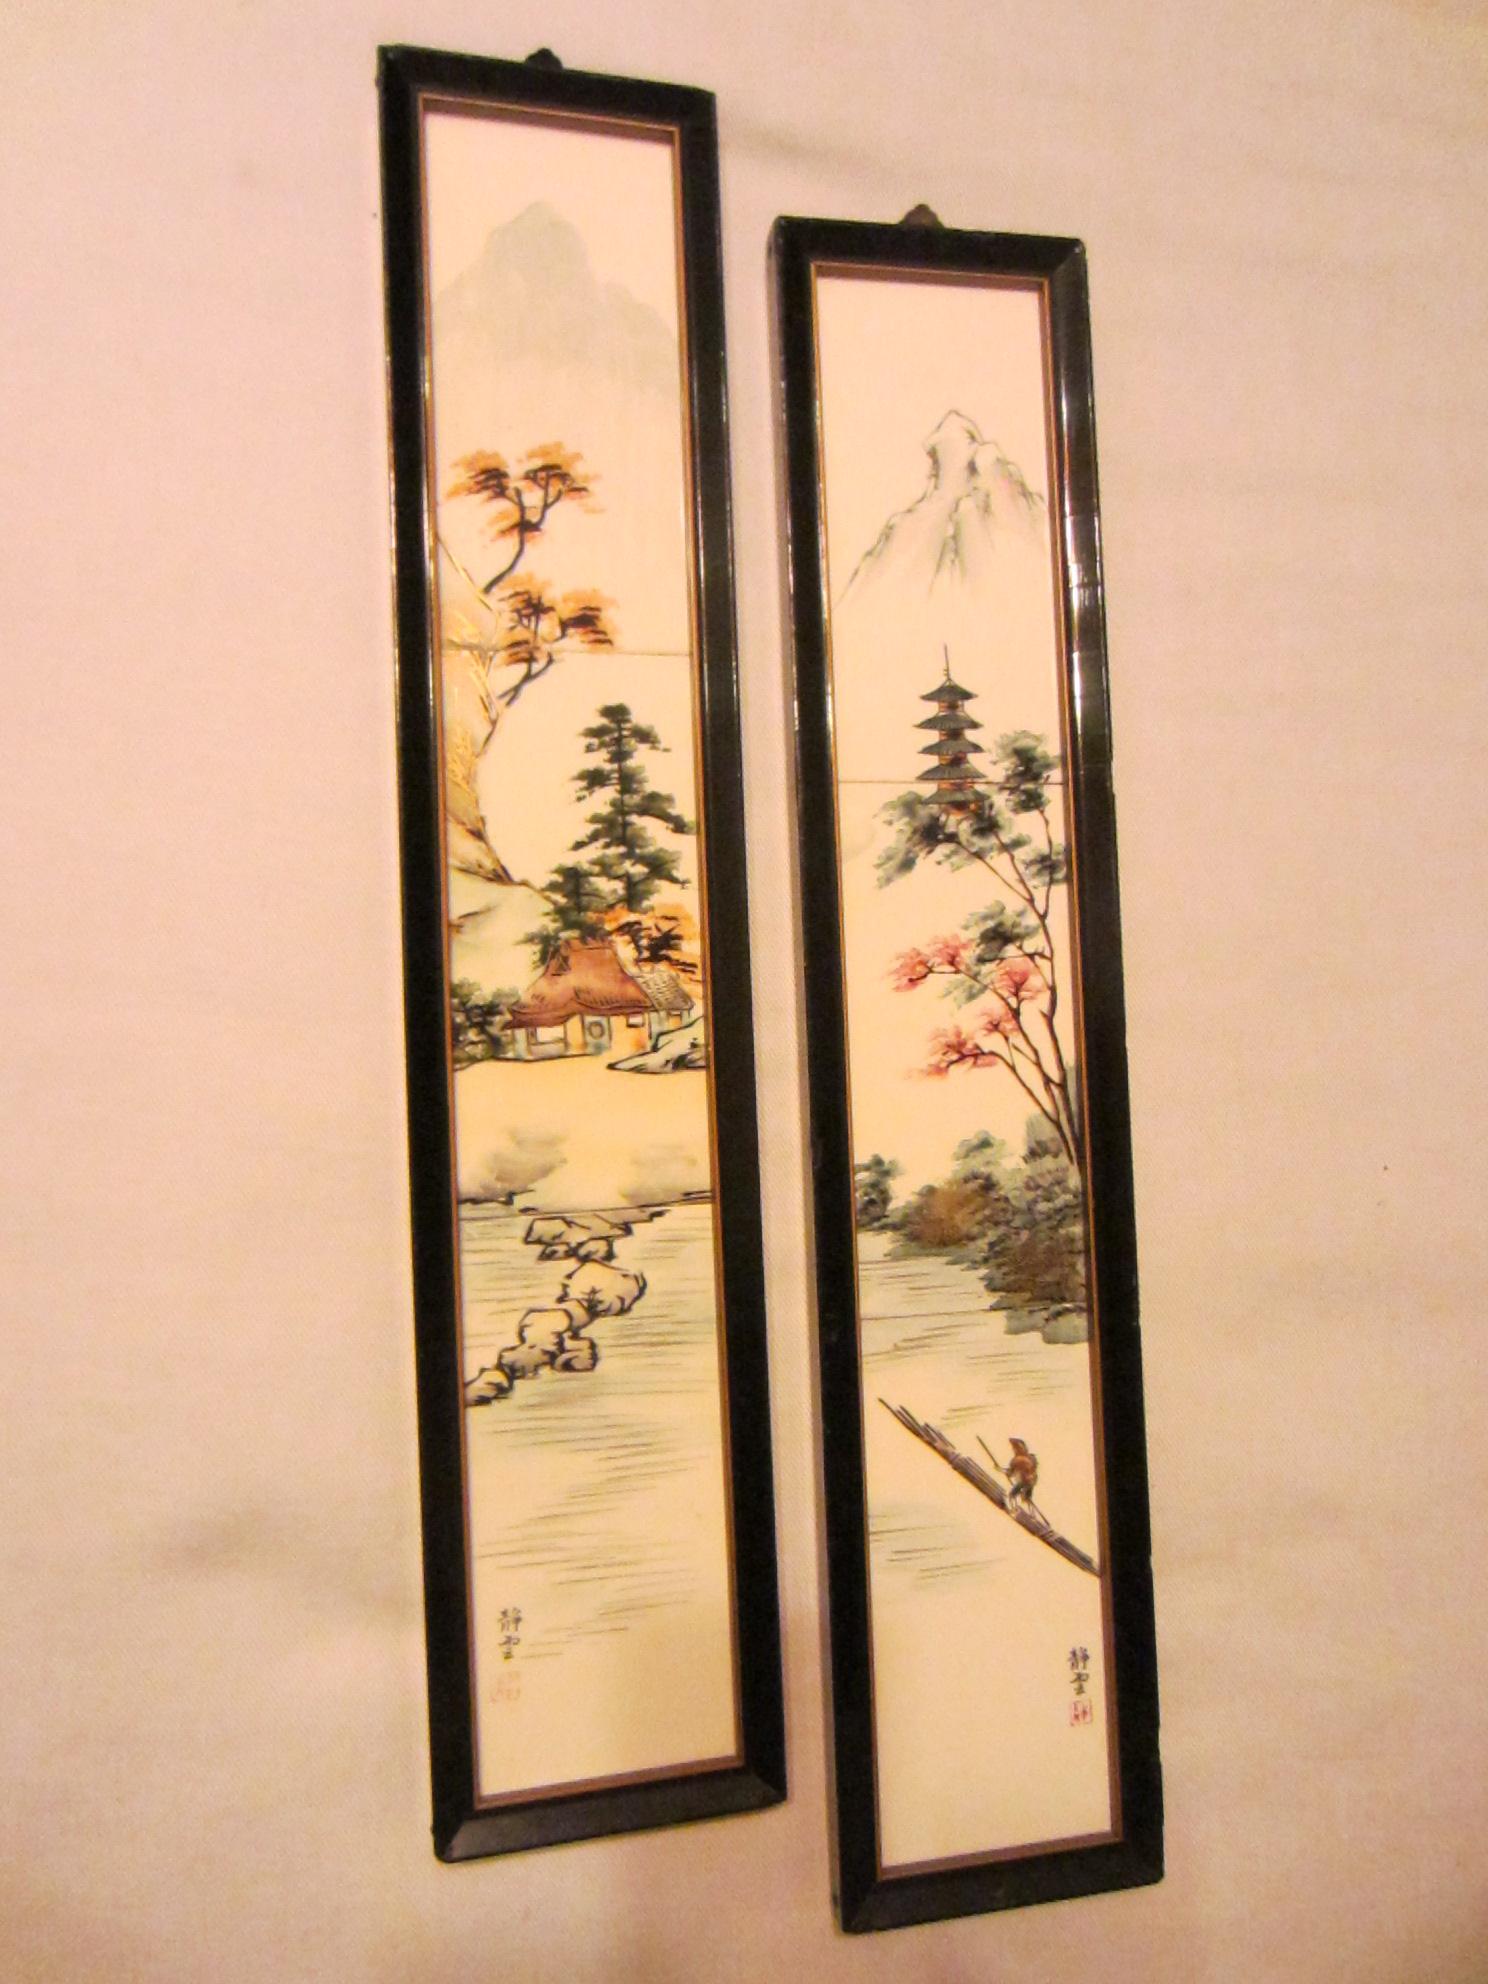 Cdgc Japan Hand Decorated Framed Porcelain Tiles For Sale